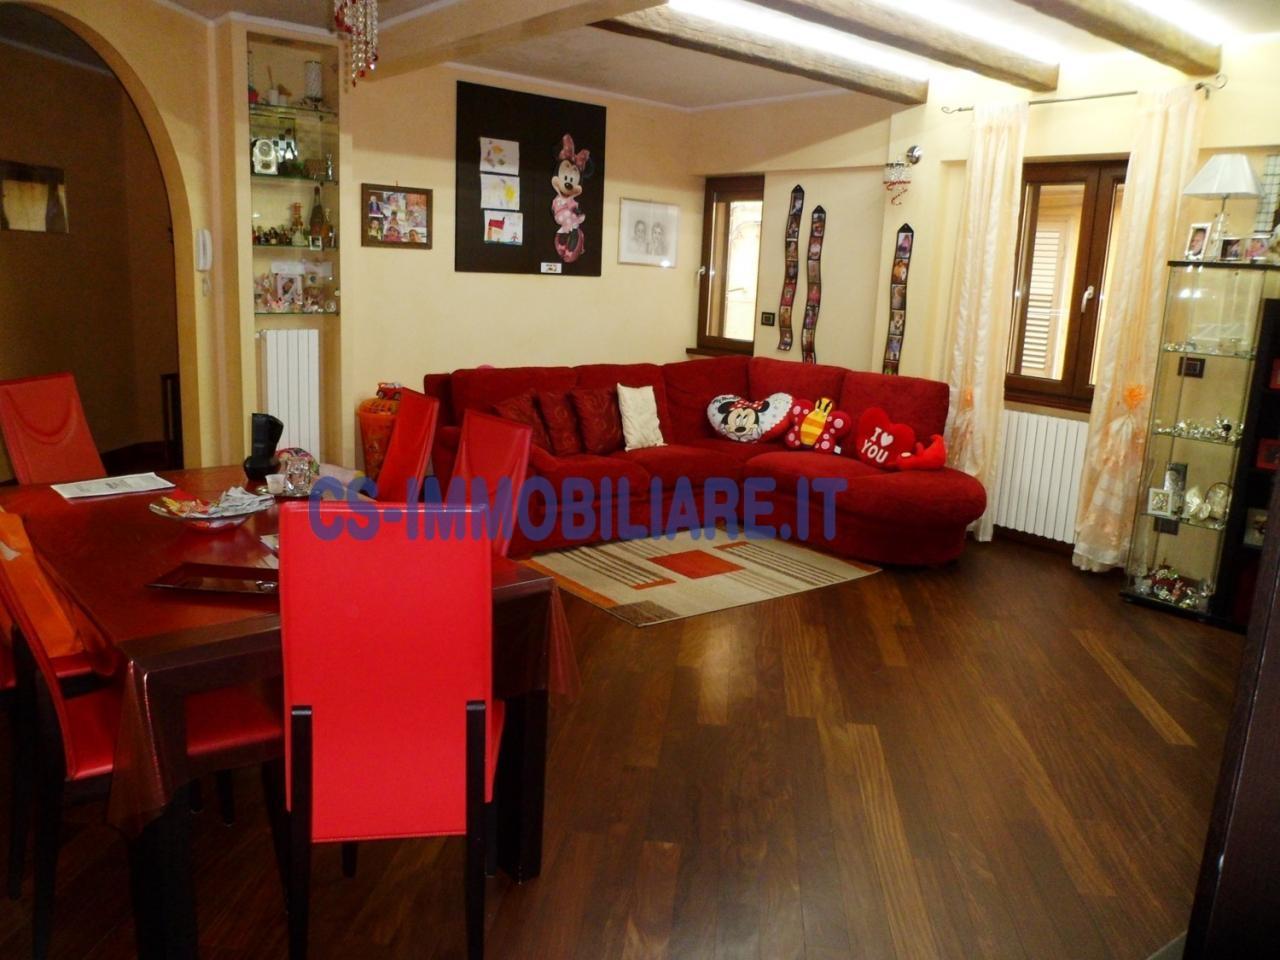 Appartamento in vendita a Tito, 4 locali, zona Località: centrostorico, prezzo € 85.000   Cambio Casa.it